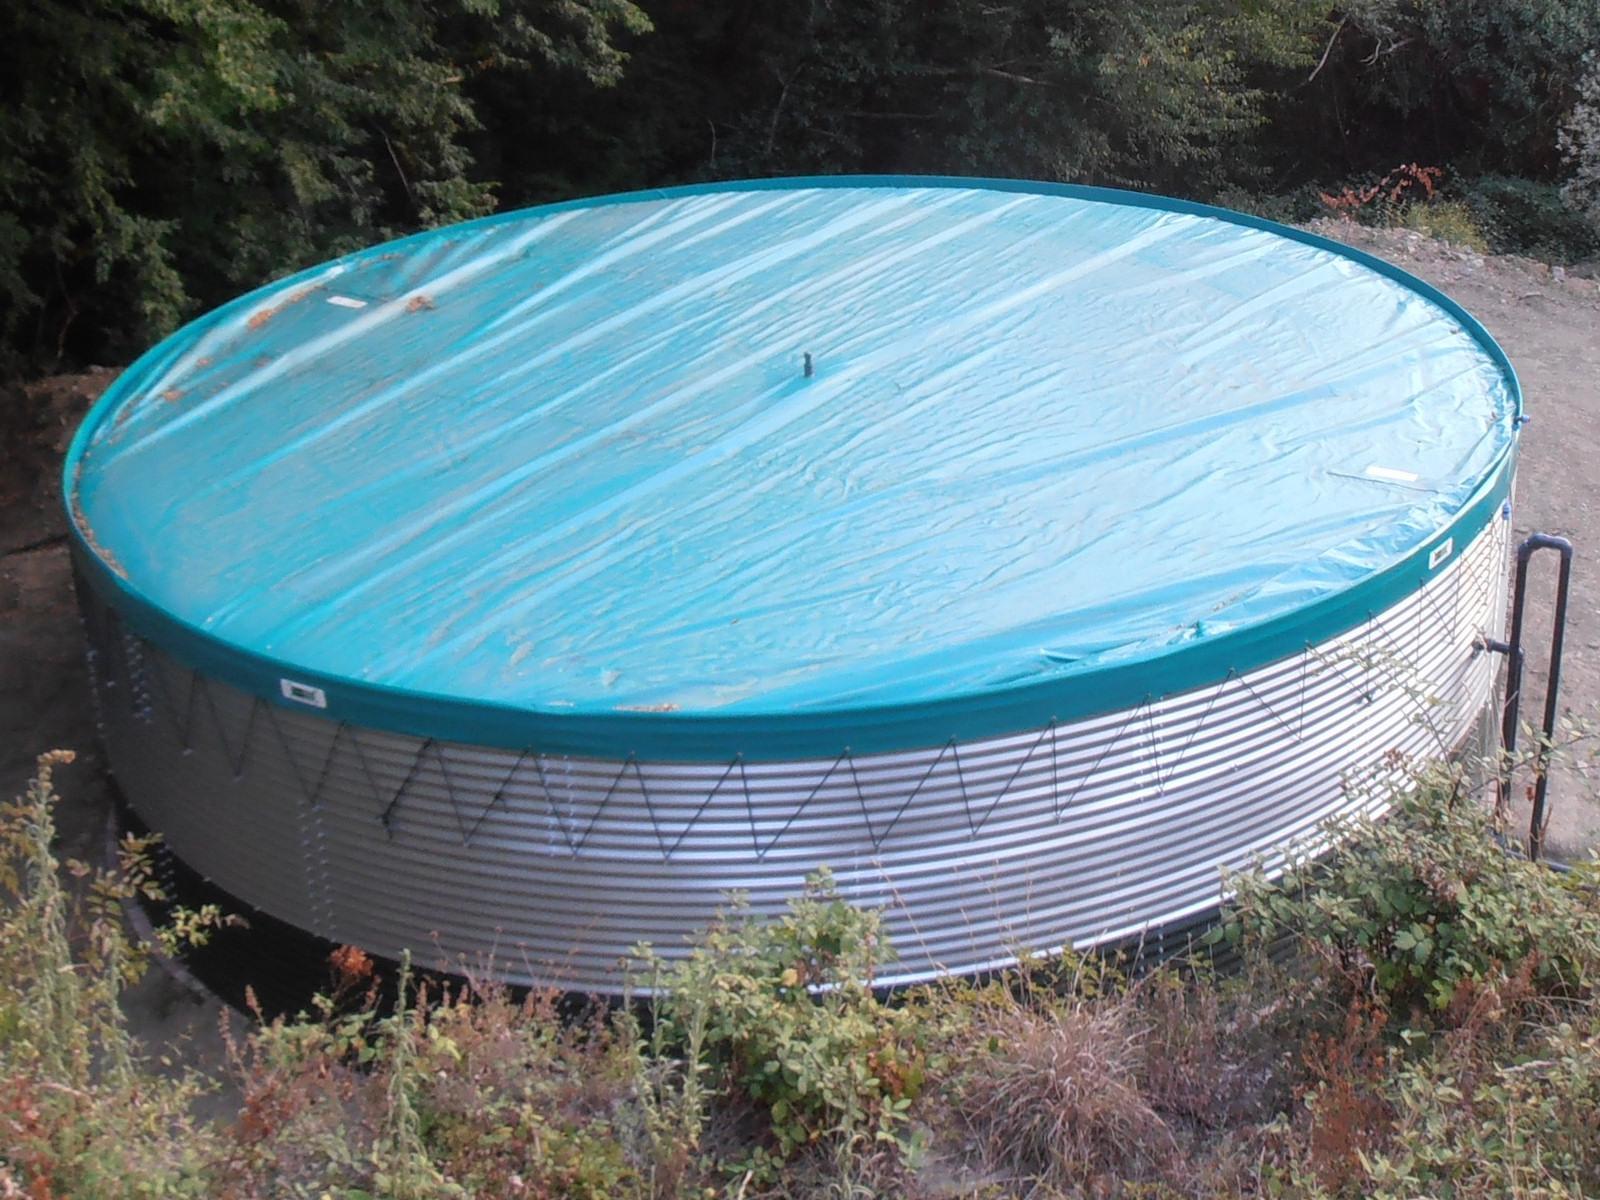 Vasca Da Bagno Bassa : Benza: coperture per vasche in acciaio o cemento